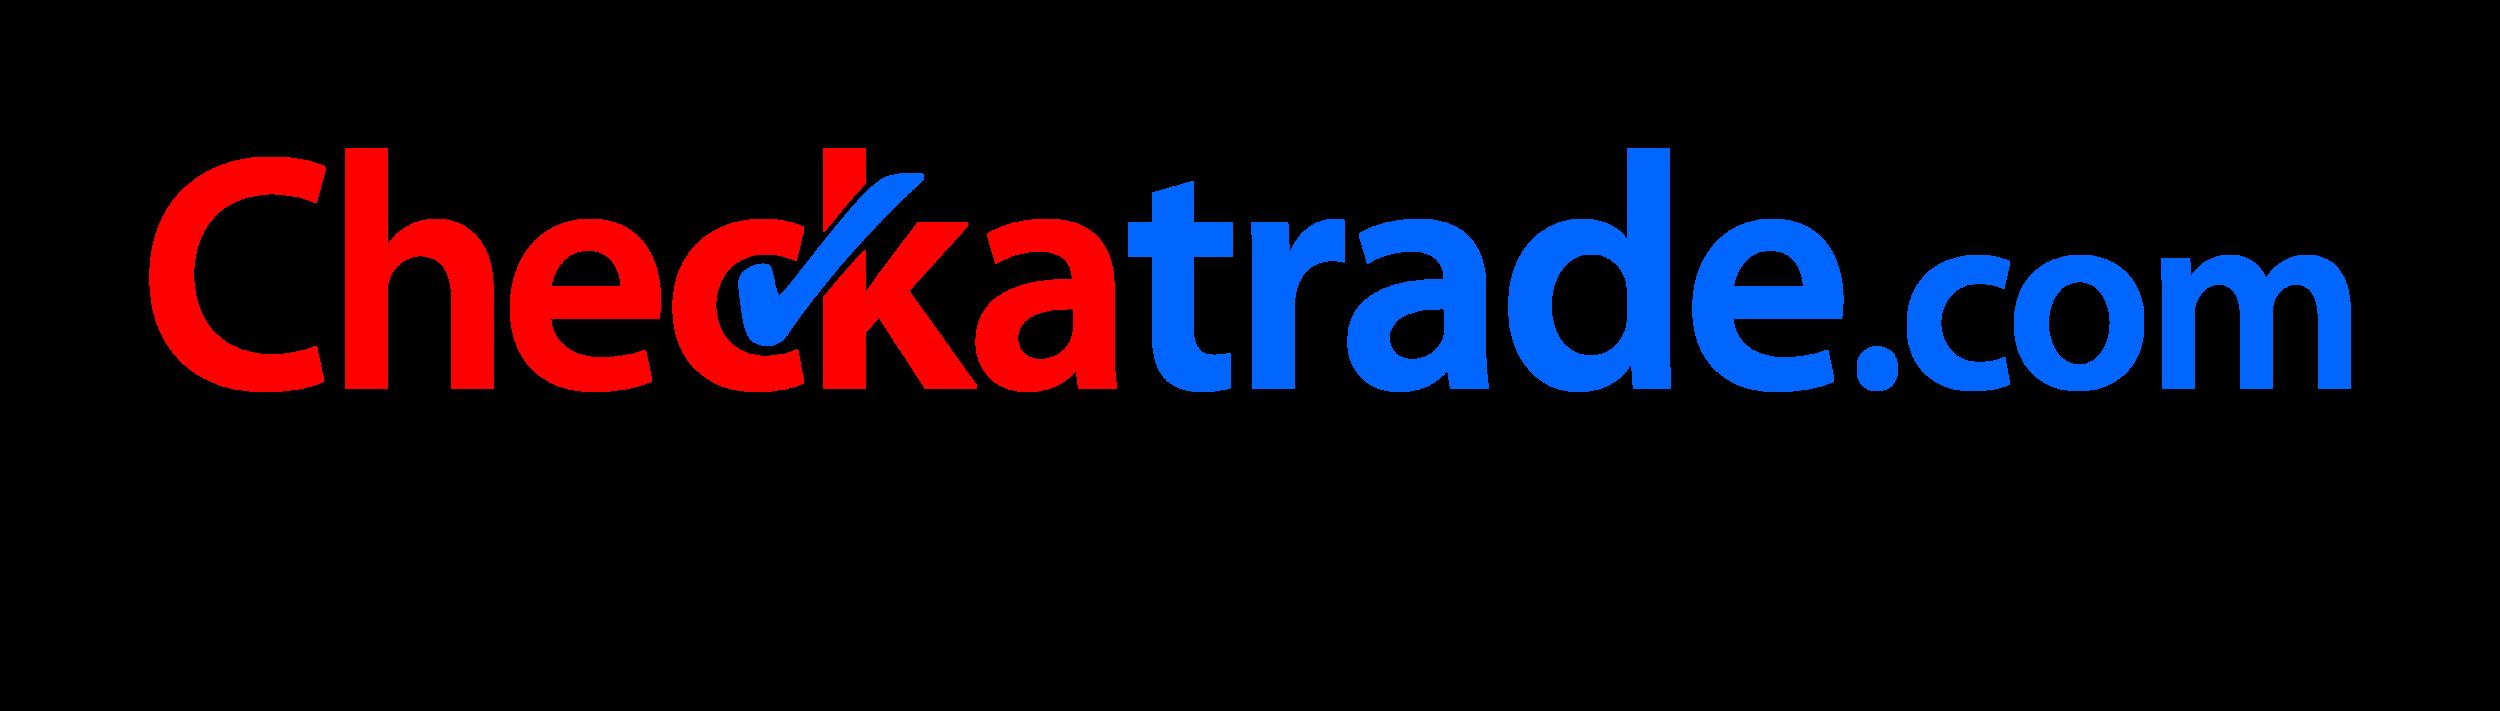 checkatrade.com-strapline.png